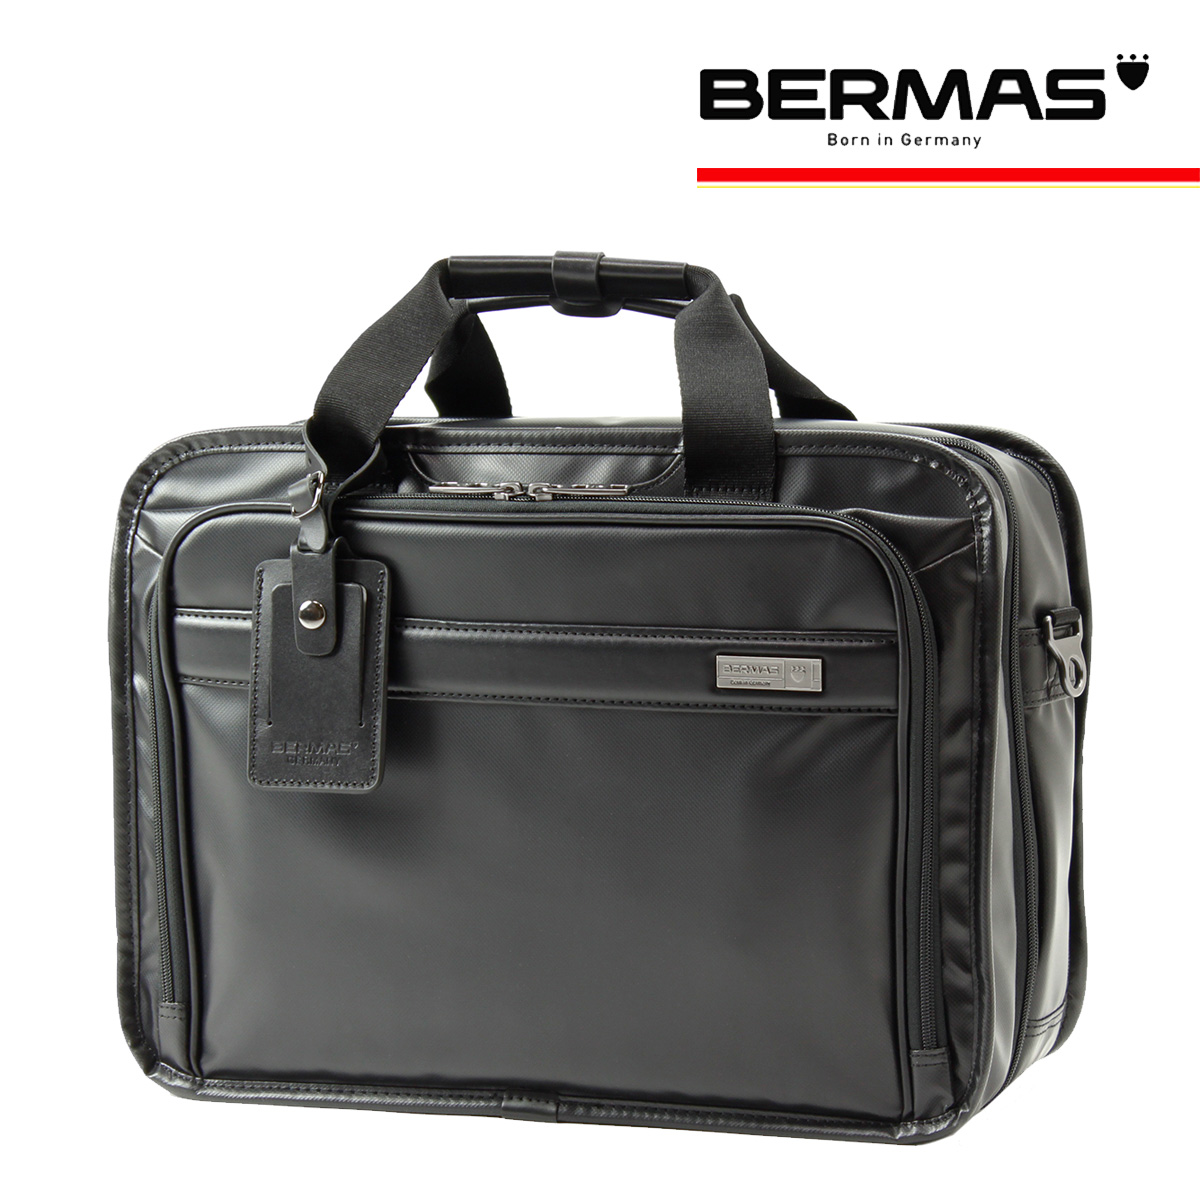 バーマス ブリーフケース 2WAY メンズ インターシティ 60460 BERMAS ビジネスバッグ 撥水 防汚 キャリーオン